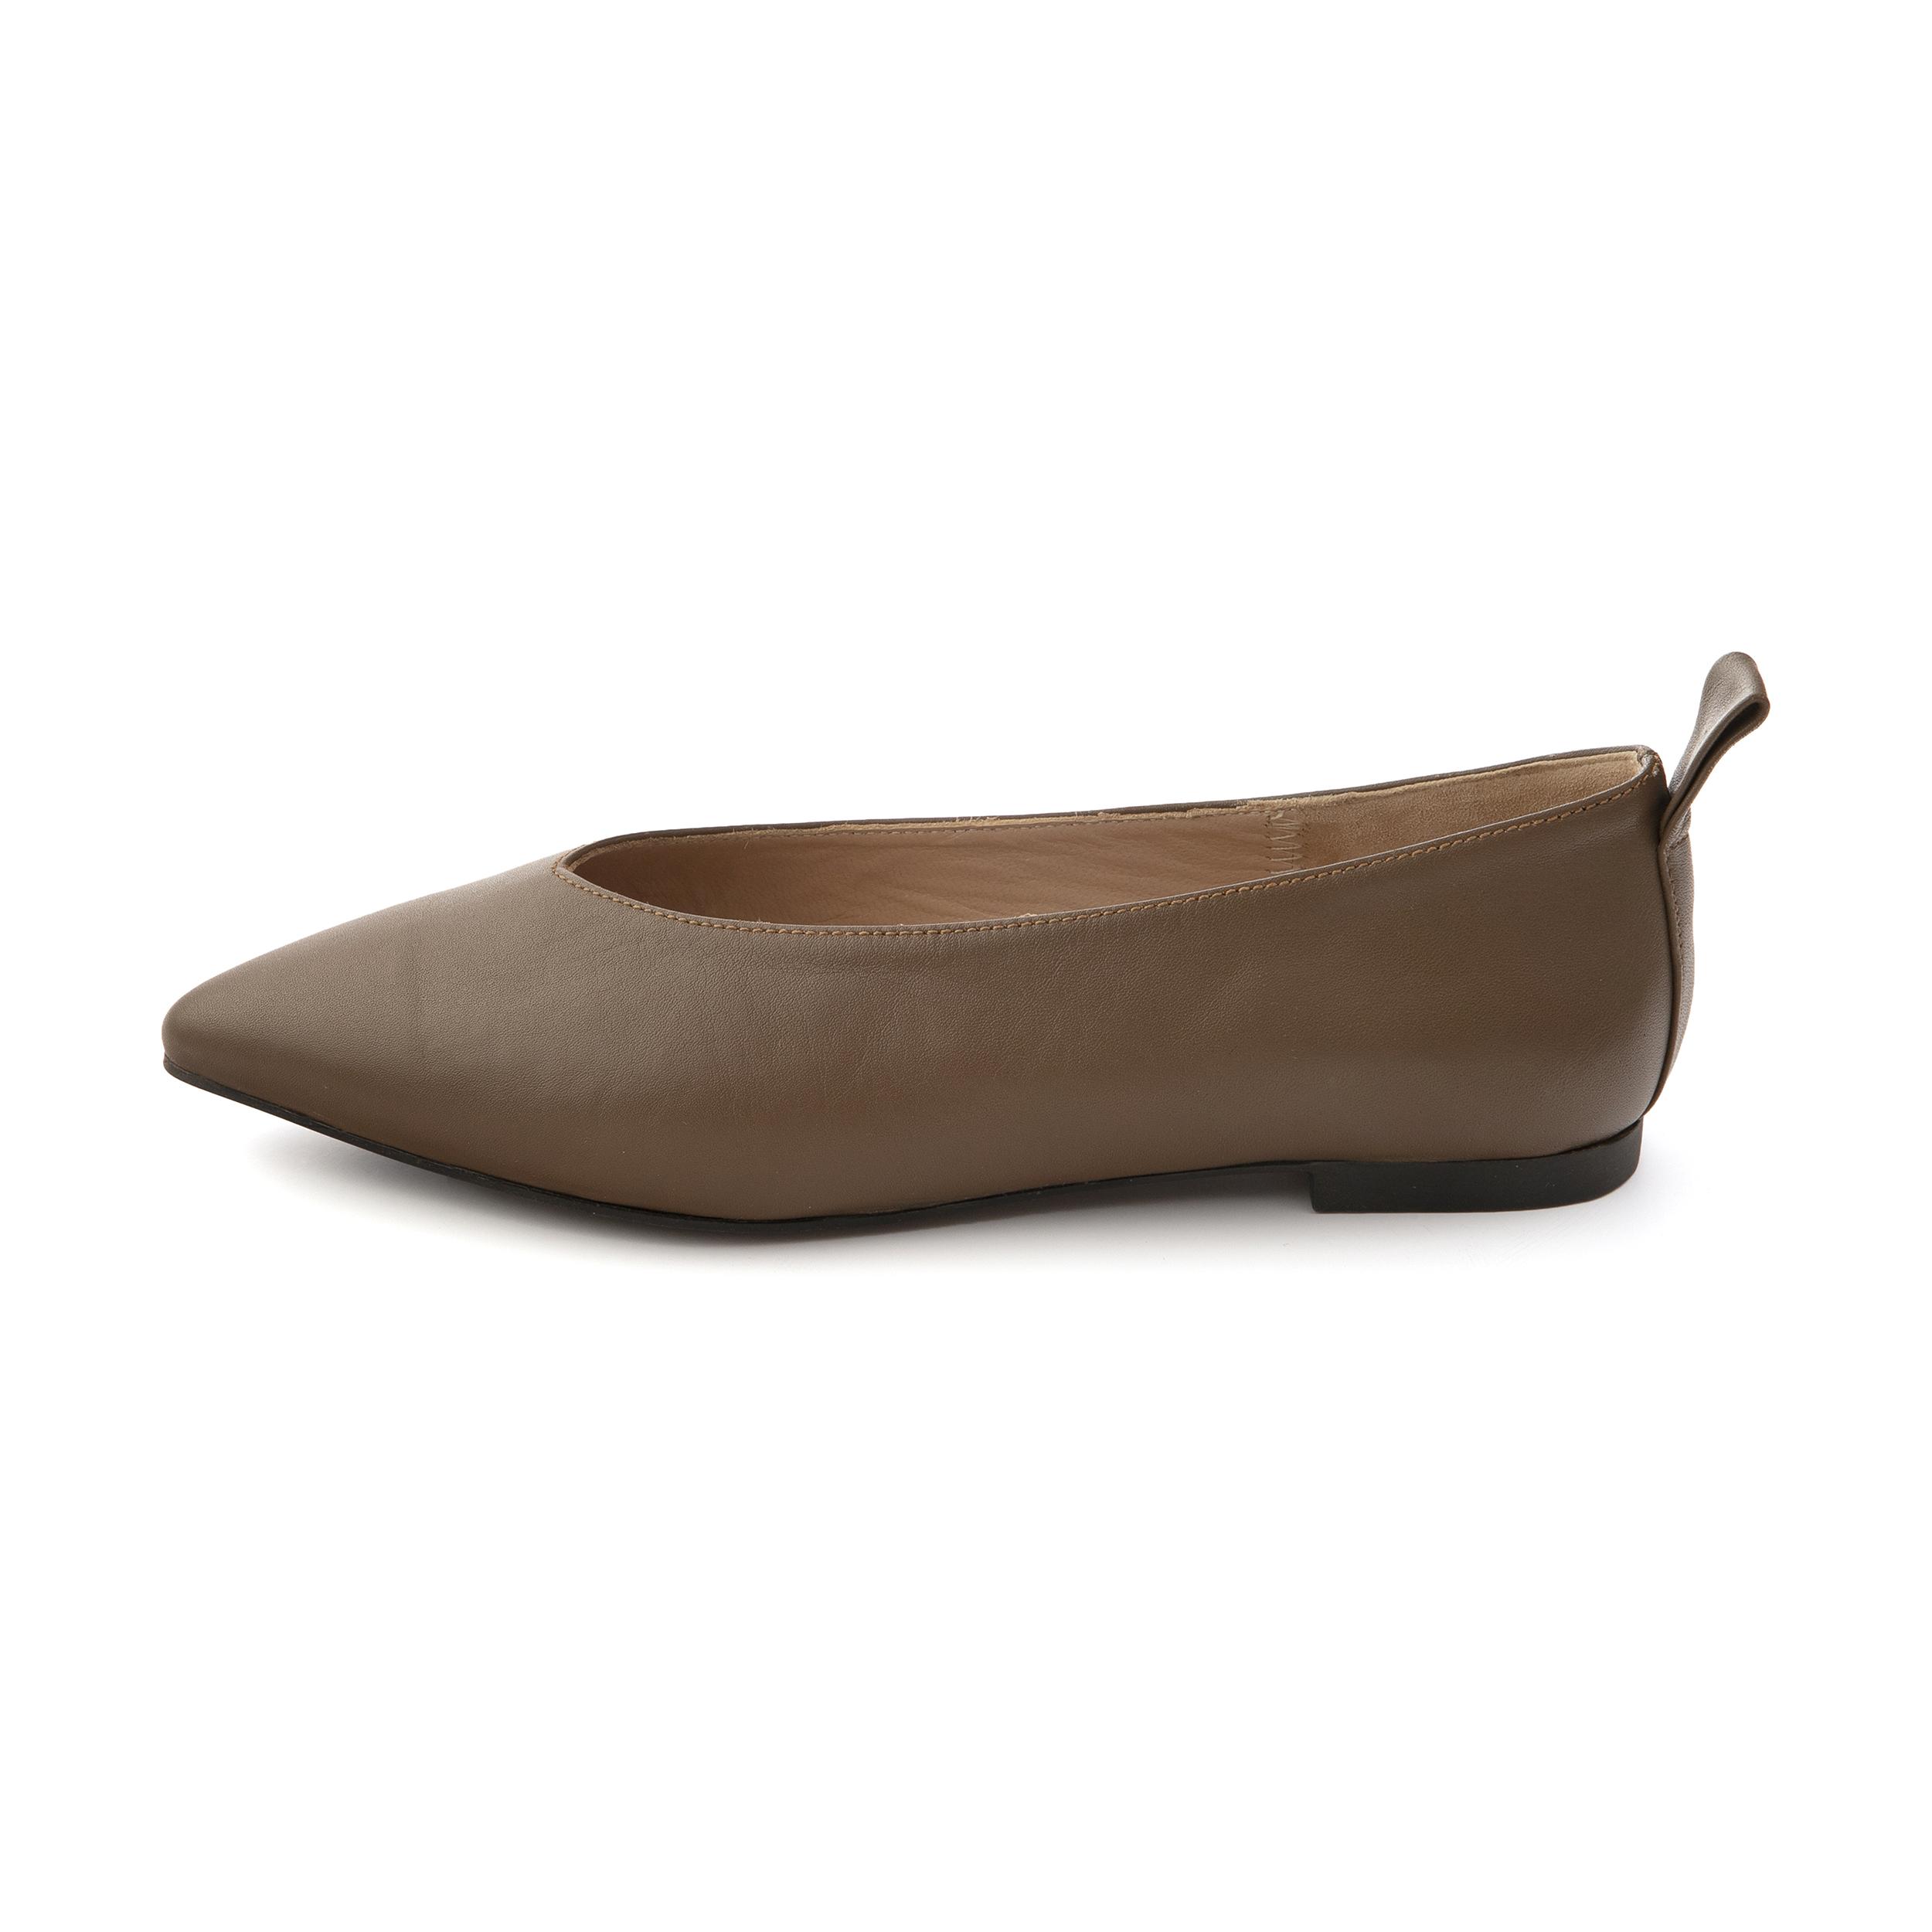 کفش زنانه آرتمن مدل Cloud 2-44438